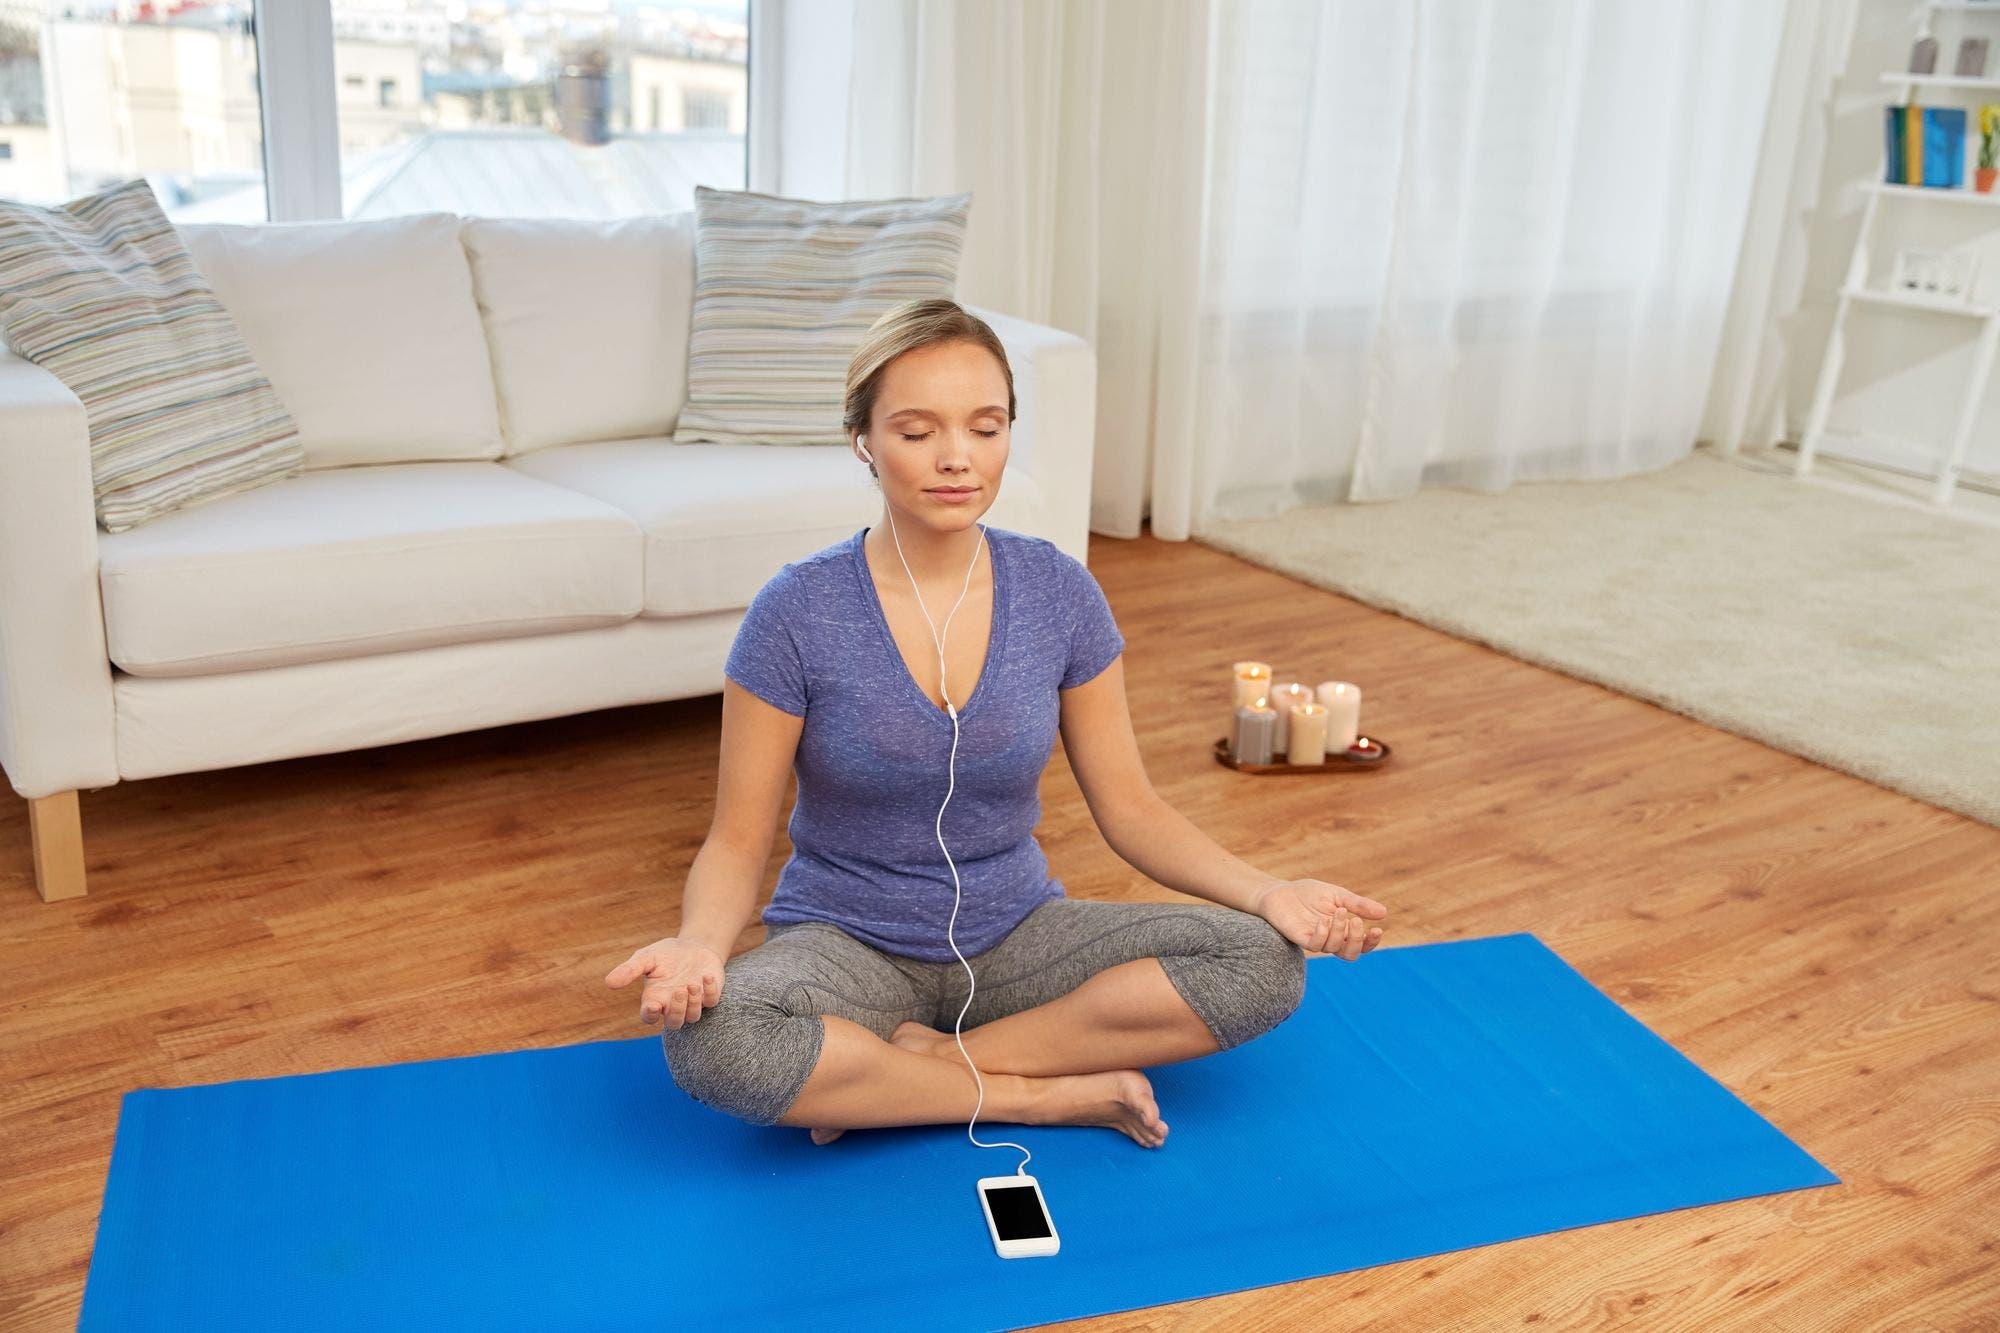 ¿Qué buscan las apps que nos invitan a meditar?